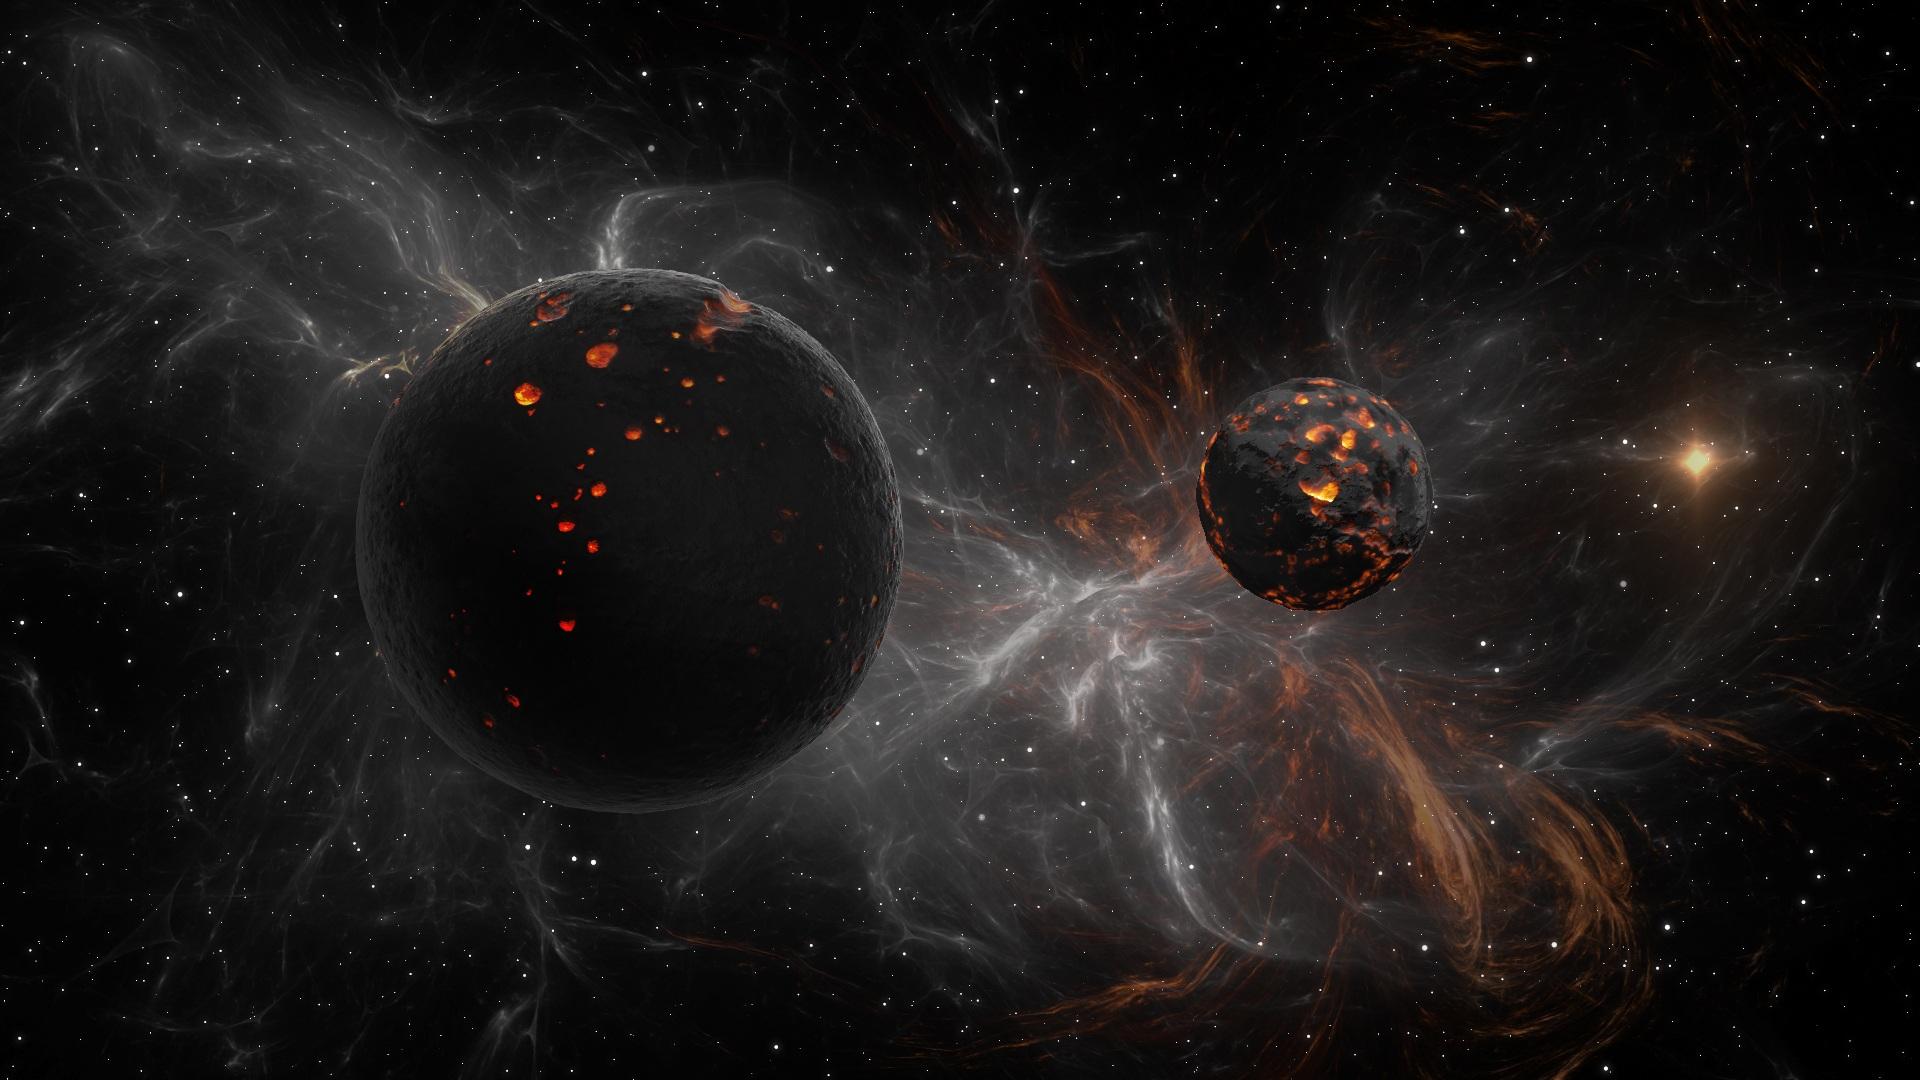 #1 Gwiazdy - gwiazda, wybuch, astronomia